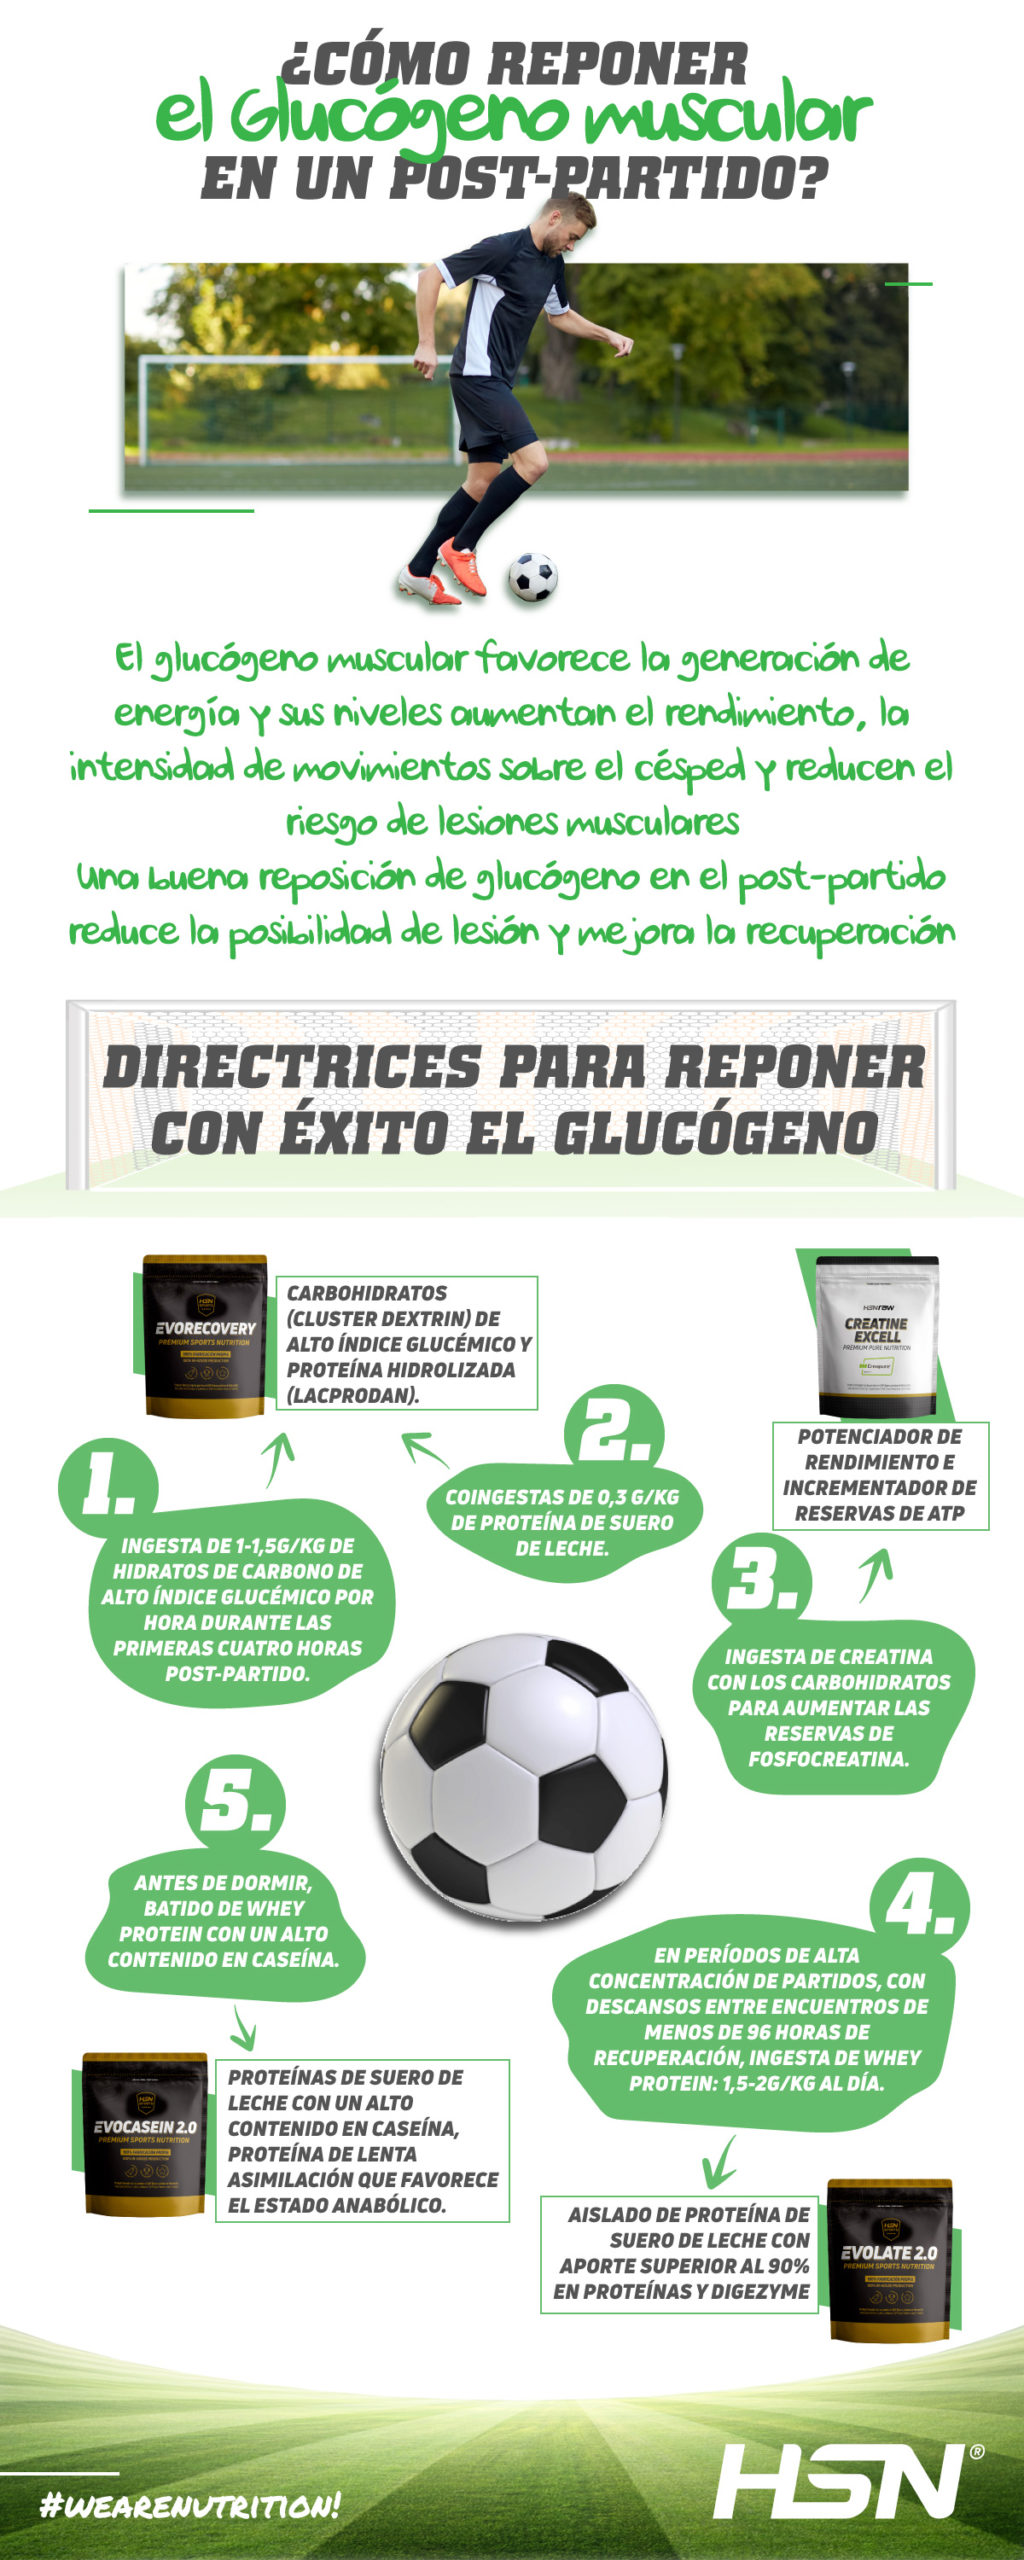 ¿Cómo reponer el glucógeno en fútbol post-partido?